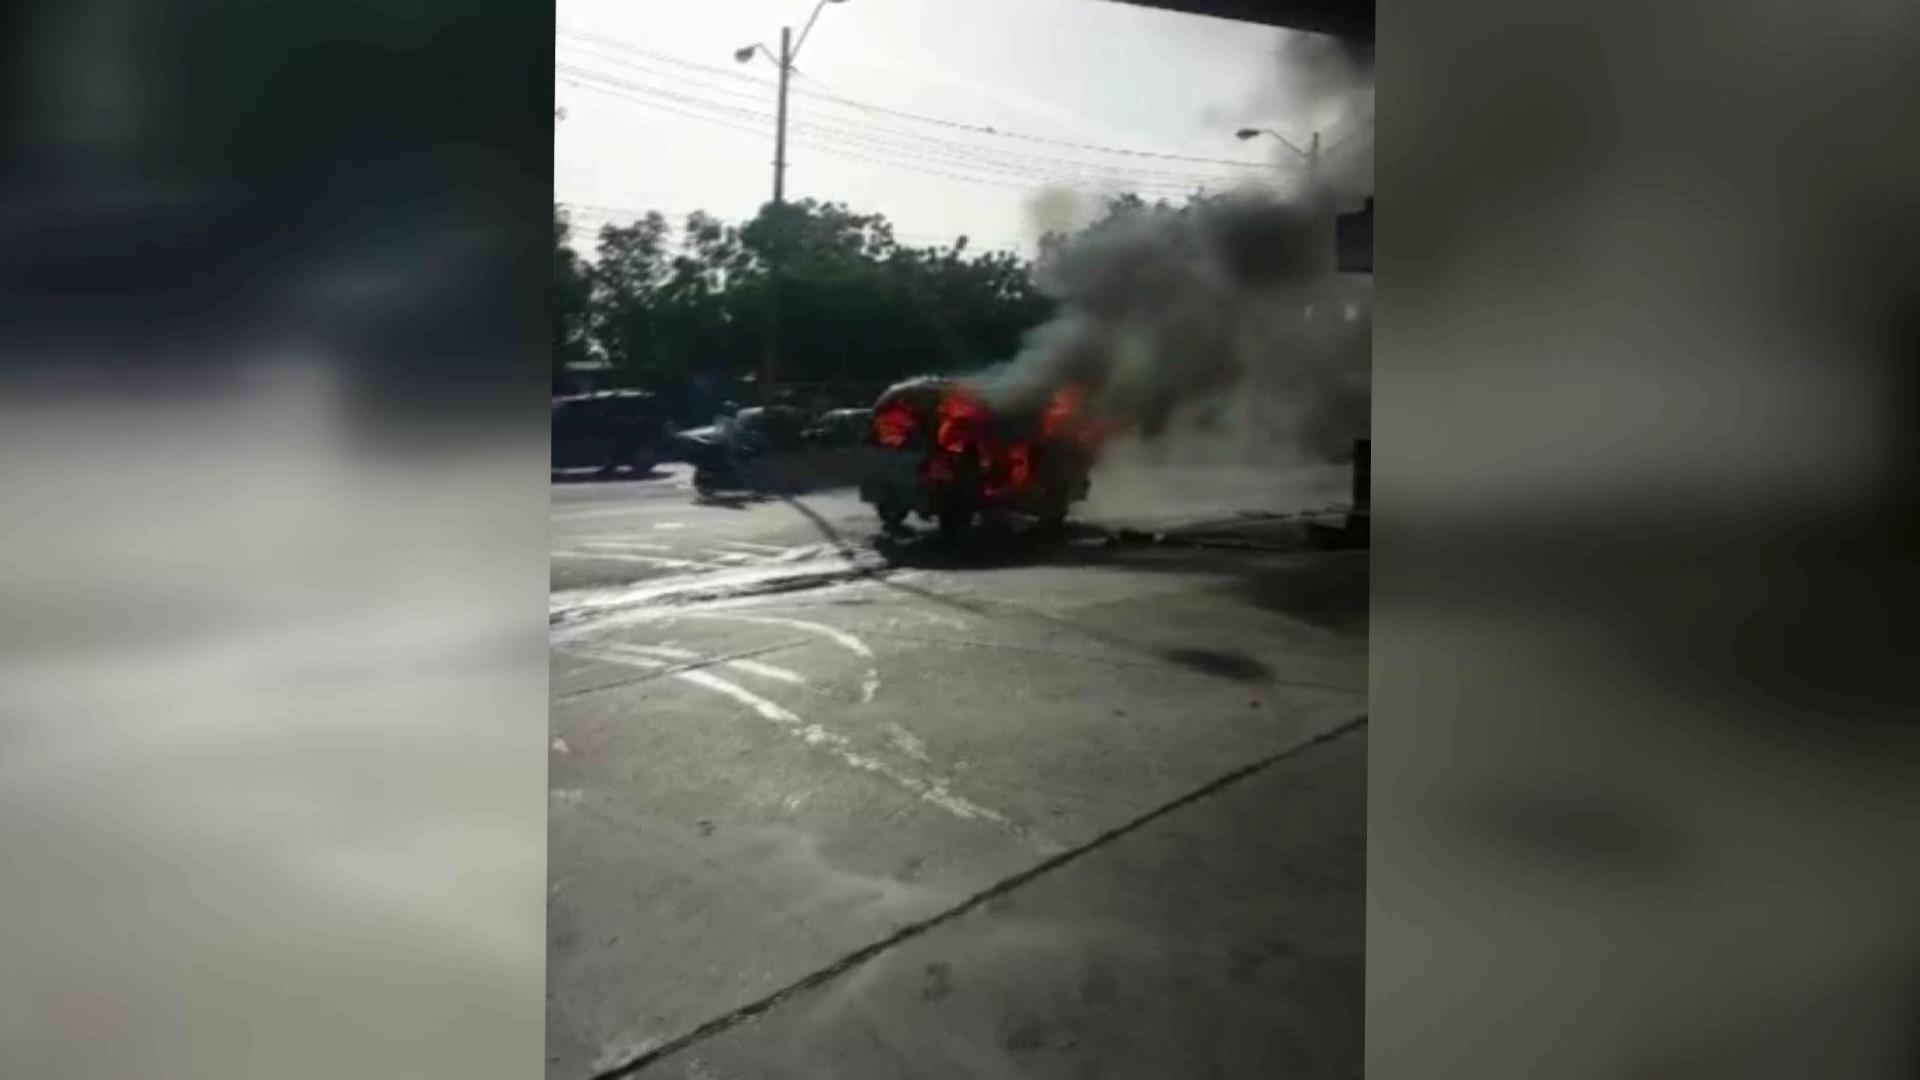 Cinco heridos en explosión de tanque de gas de minibús del transporte público